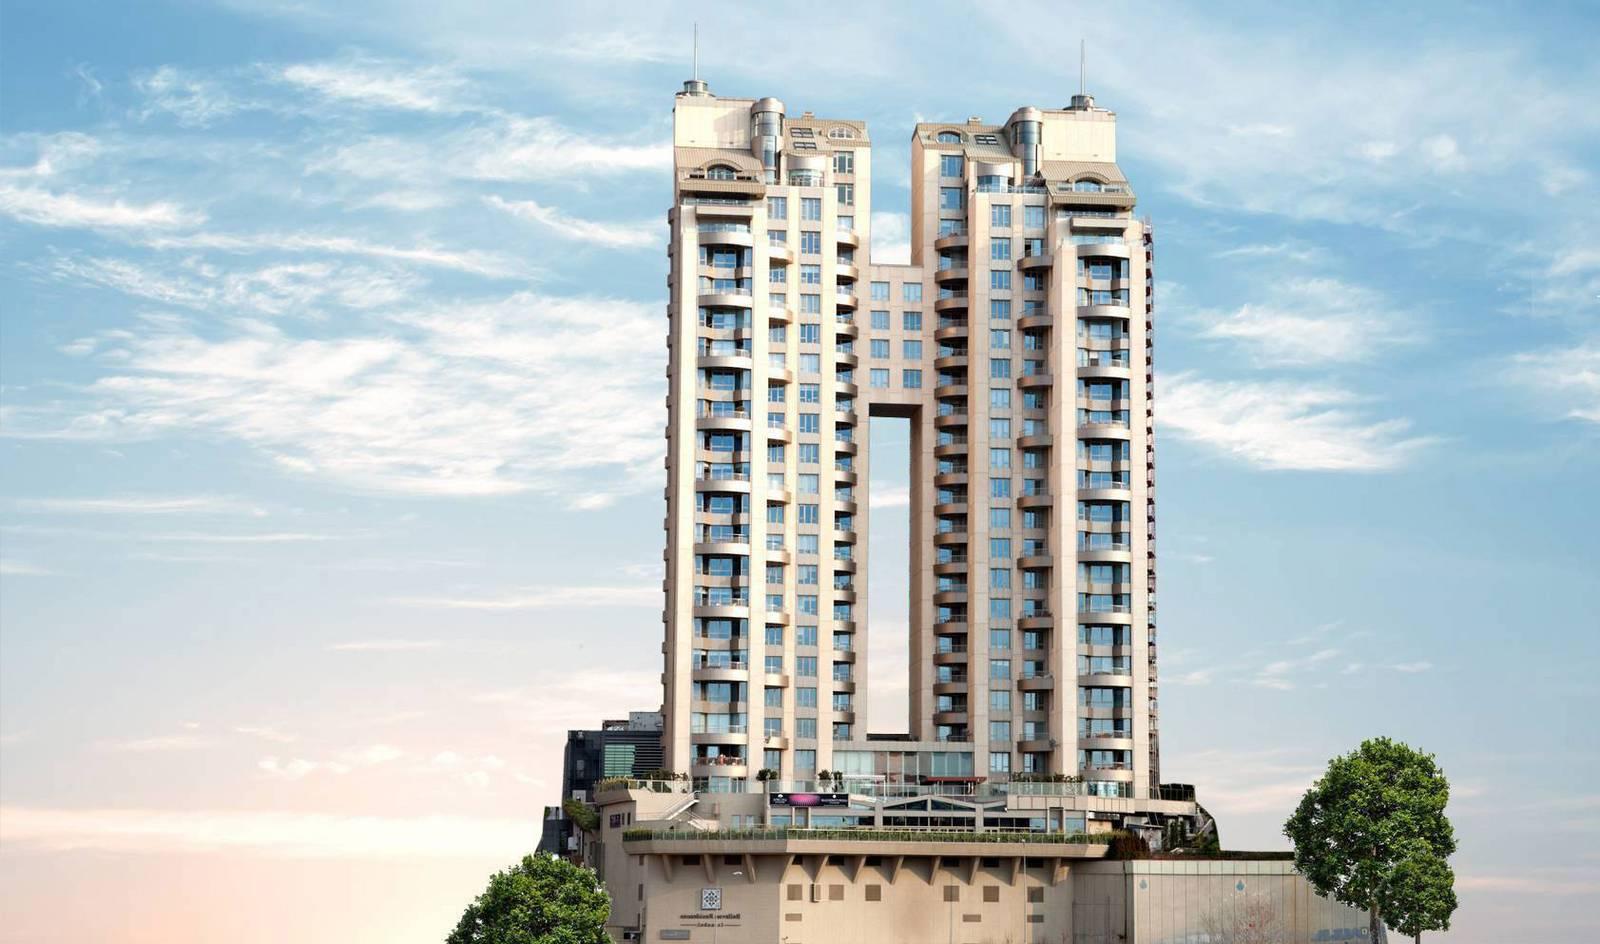 Bellevue-Residence-istanbul-0032.jpg